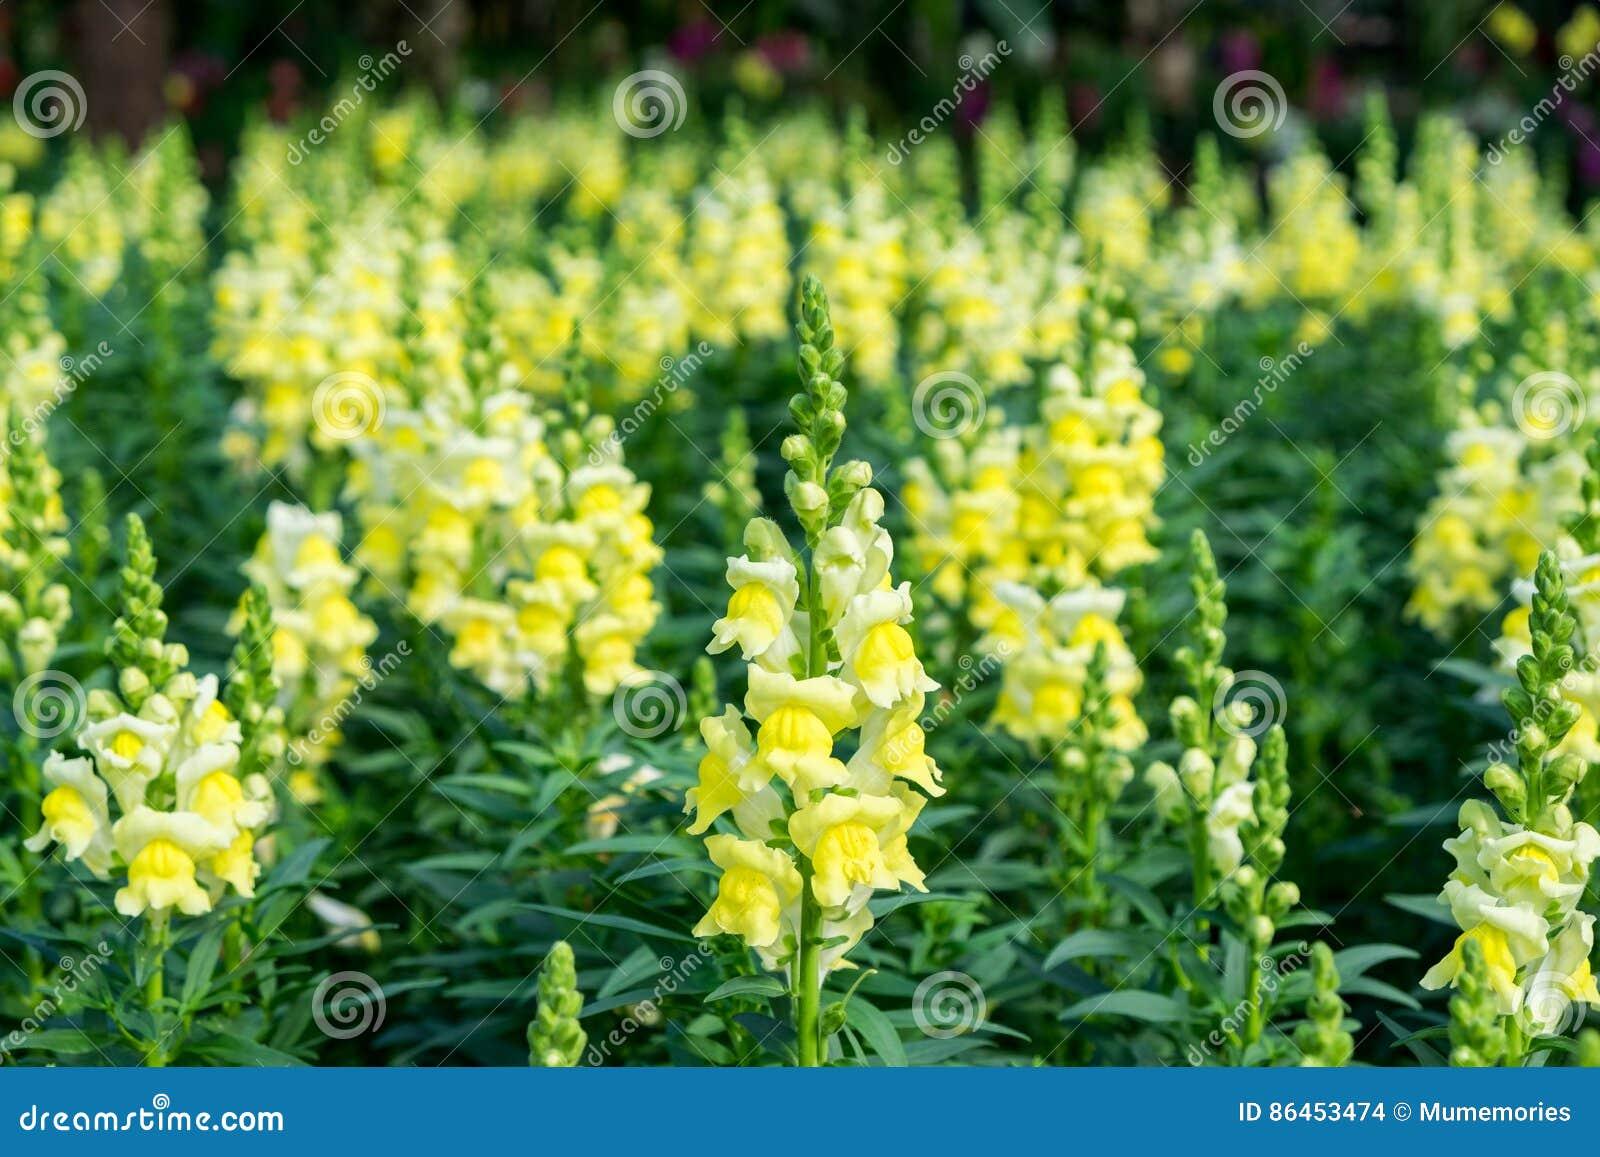 Bocca di leone scrophulariaceae fiore giallo bello for Bocca di leone in vaso